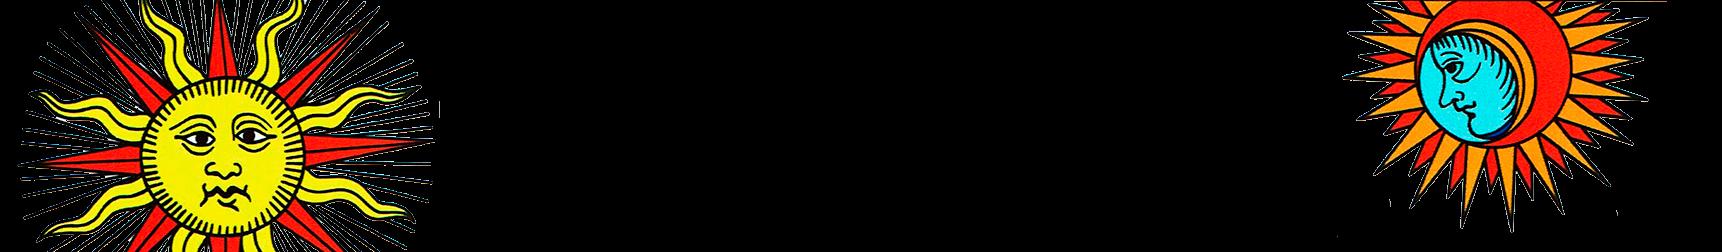 La Guia del Tarot